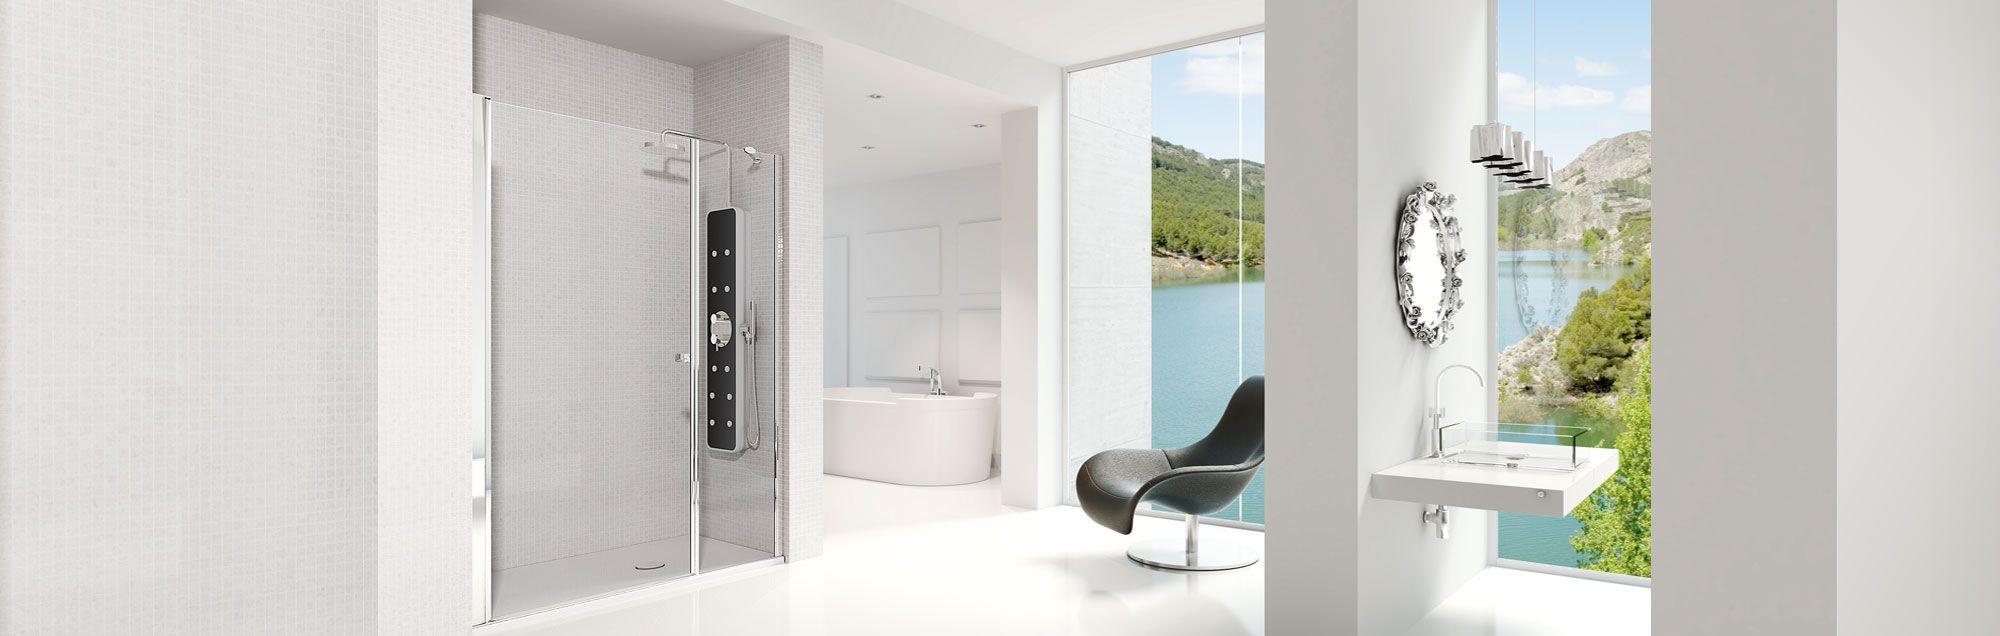 Serie Arcoiris Plus - Duschabtrennungen nach Maß mit Schwingtüren